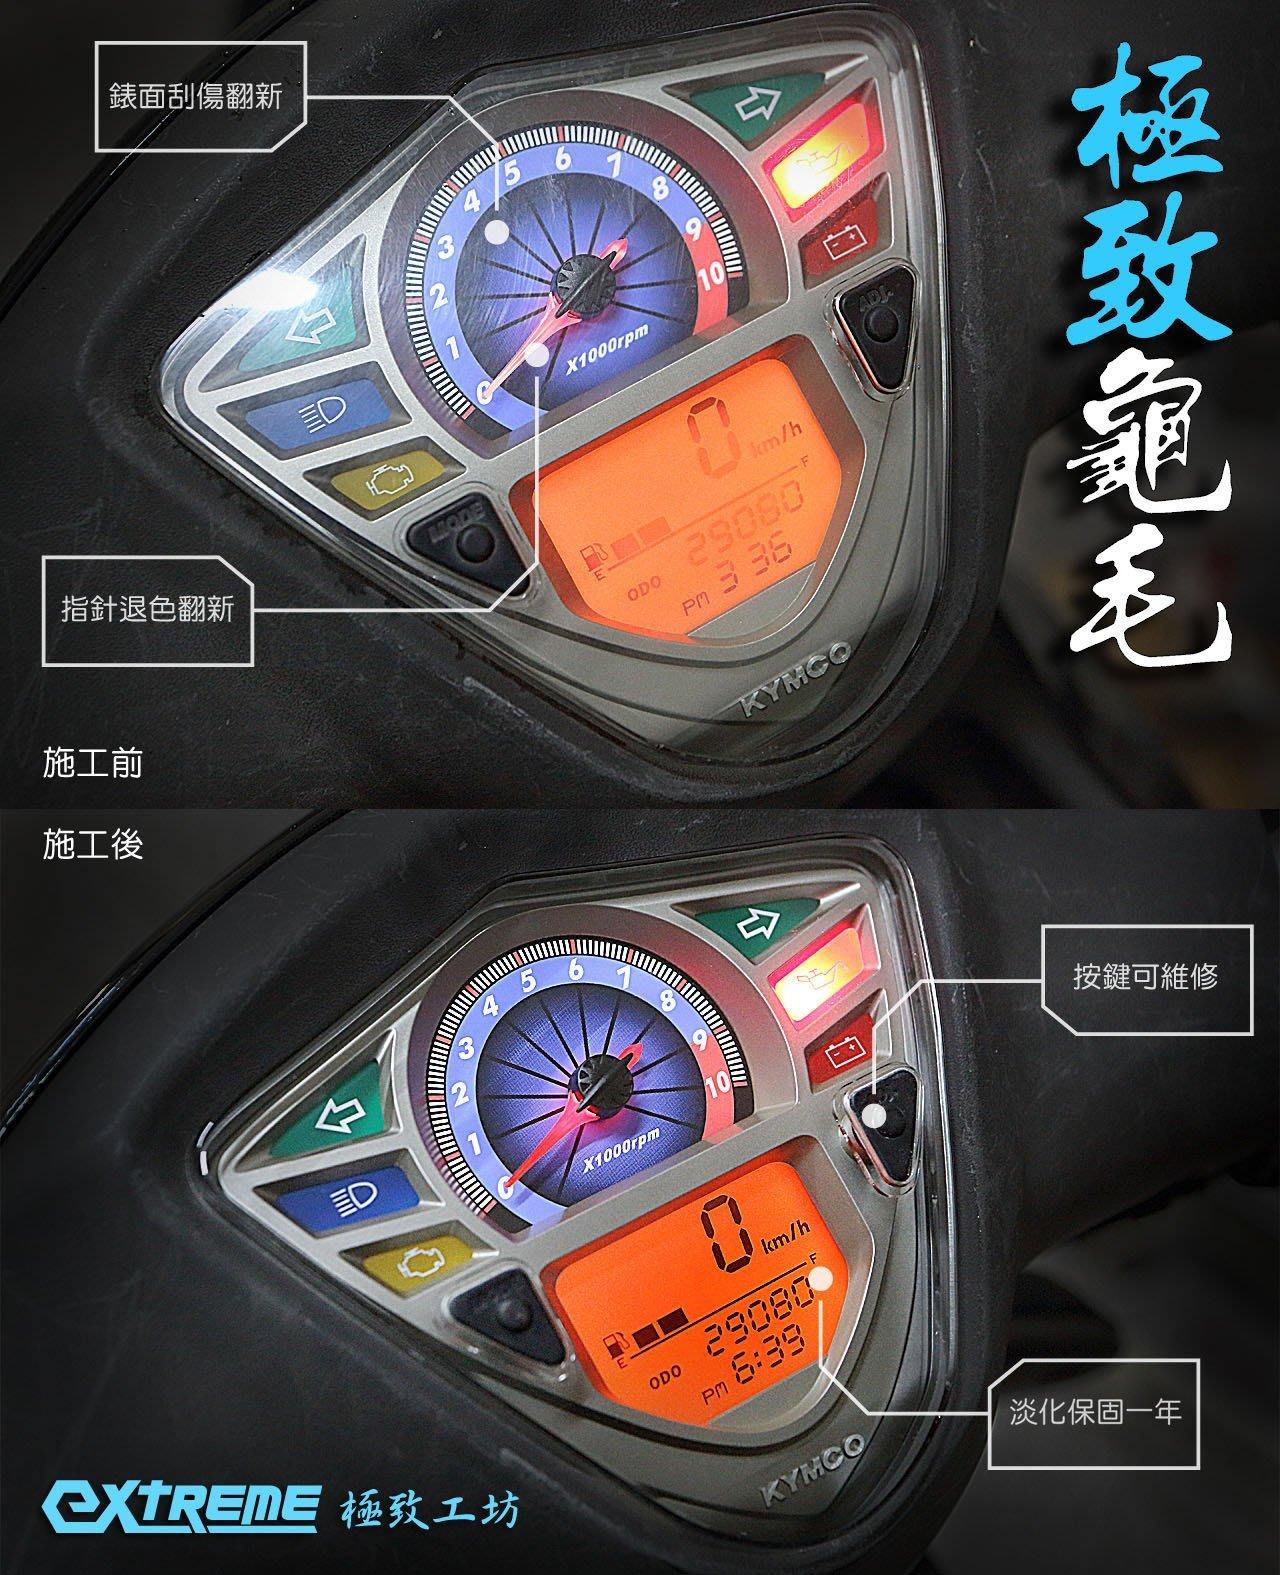 [極致工坊] G5 超5 儀表 液晶 螢幕 淡化 霧掉 看不清楚 車規專用耐候型 偏光板 維修